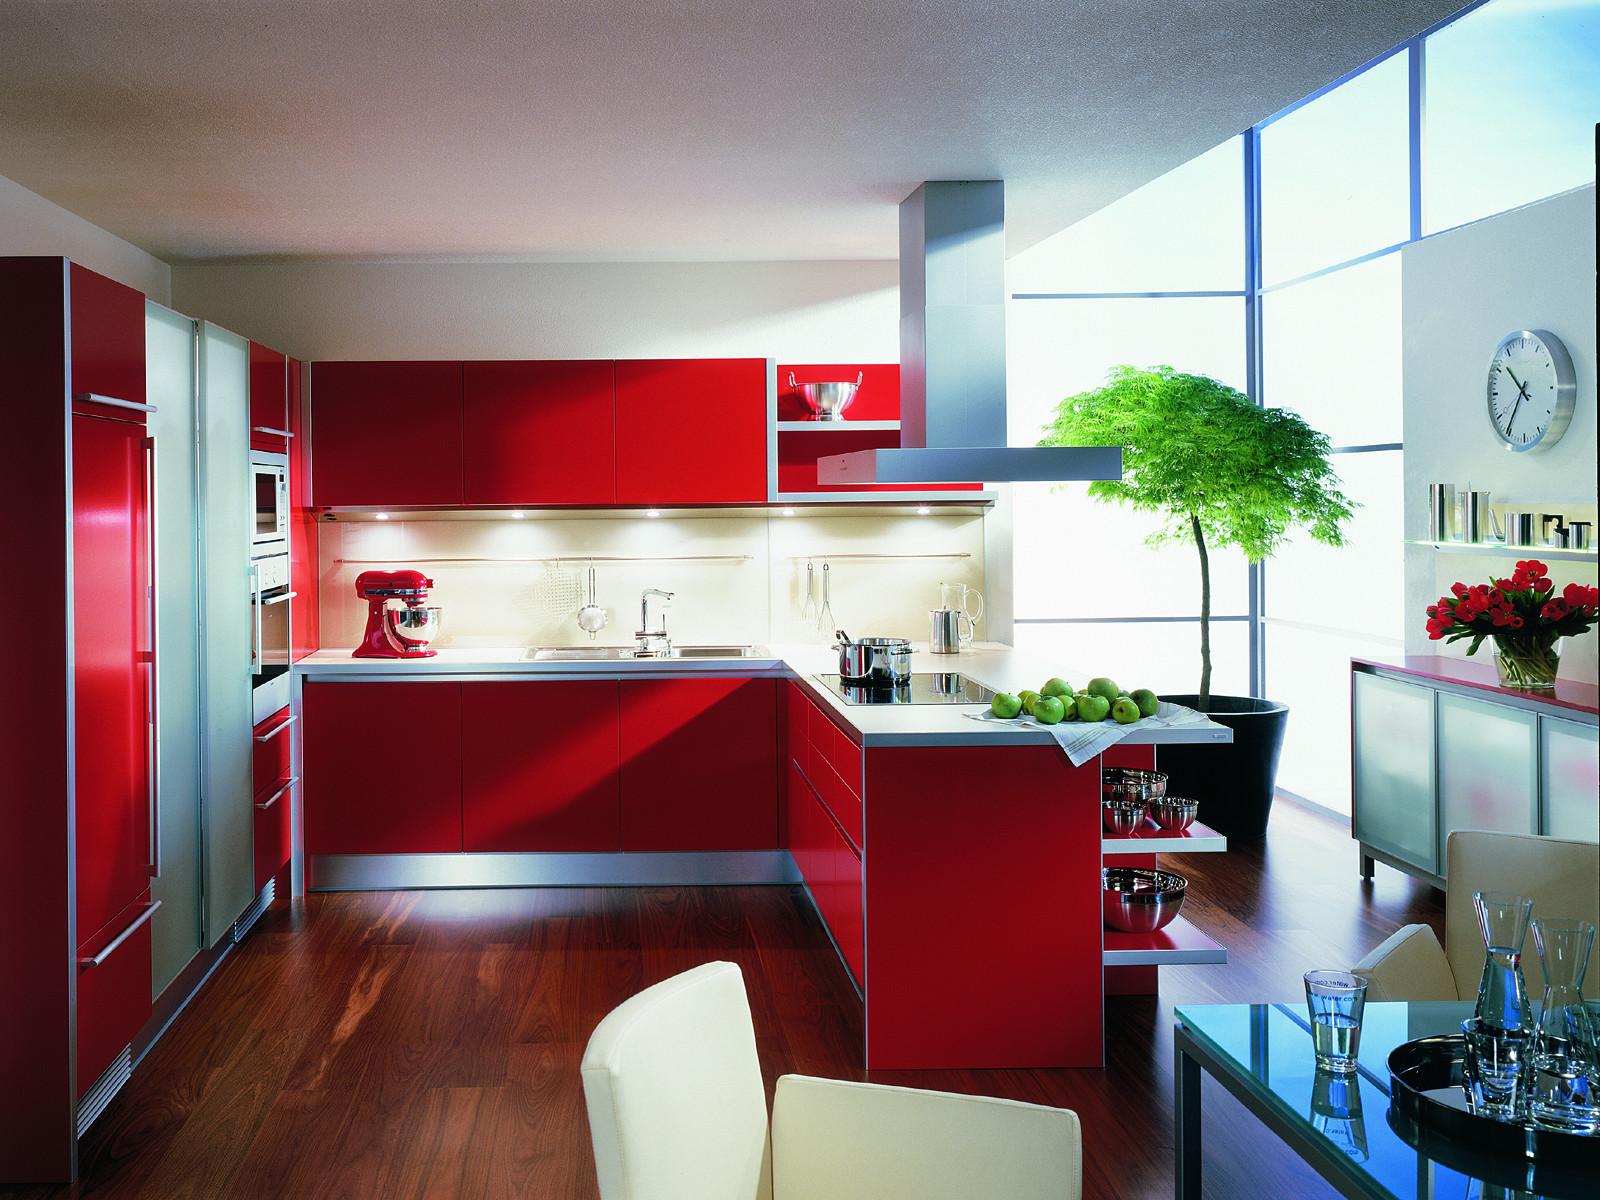 Красный кухонный гарнитур оживляет пространство кухни